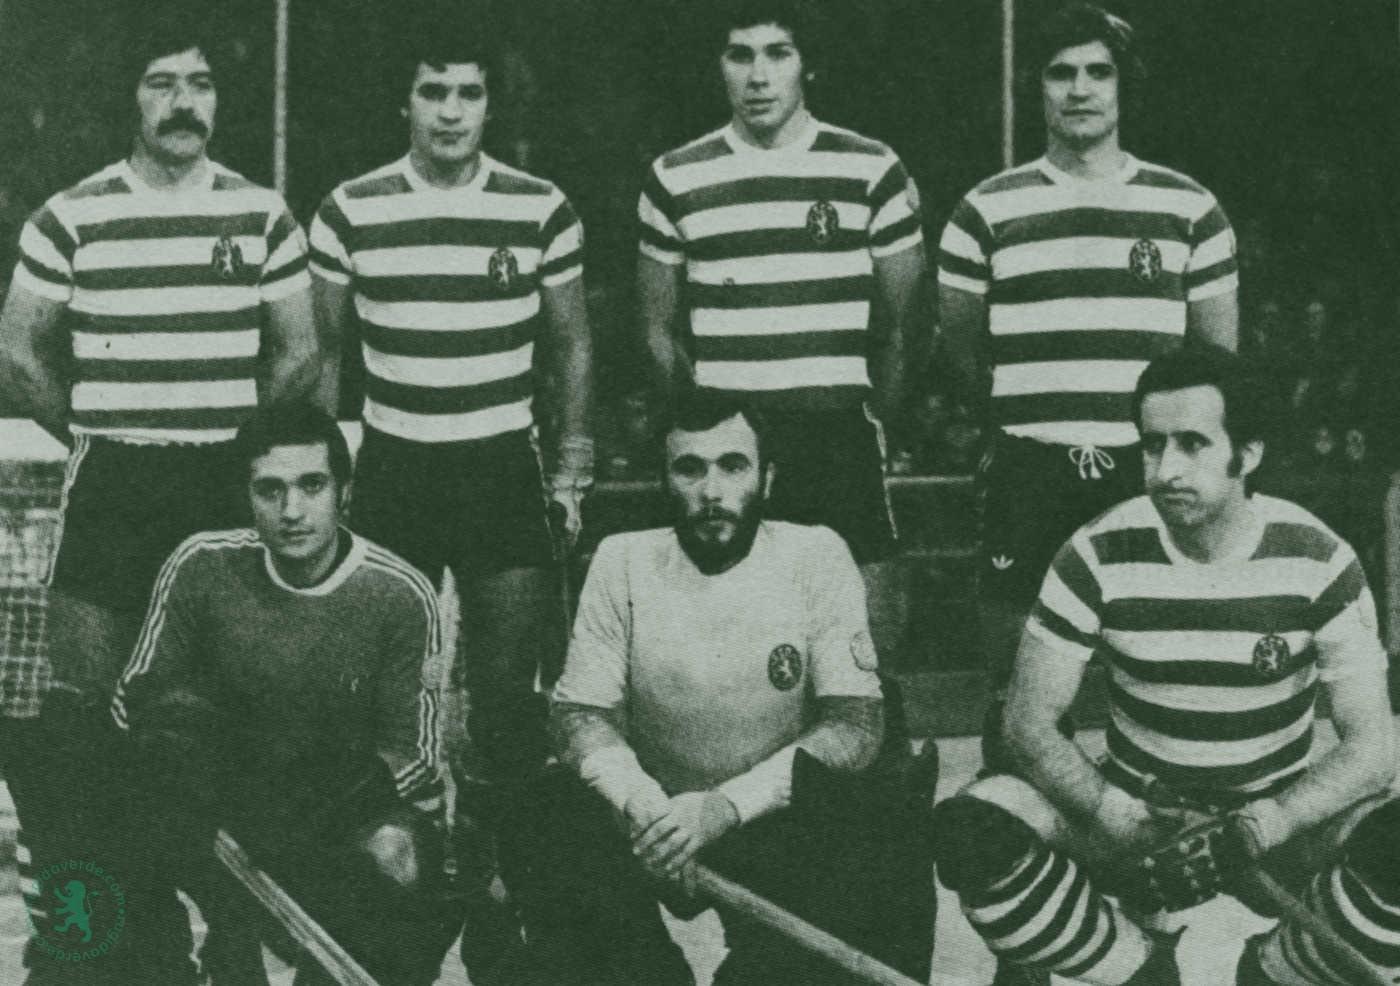 Em Março de 1977, o Sporting volta a vencer o Oeiras na Final da Taça de Portugal em Hóquei em Patins